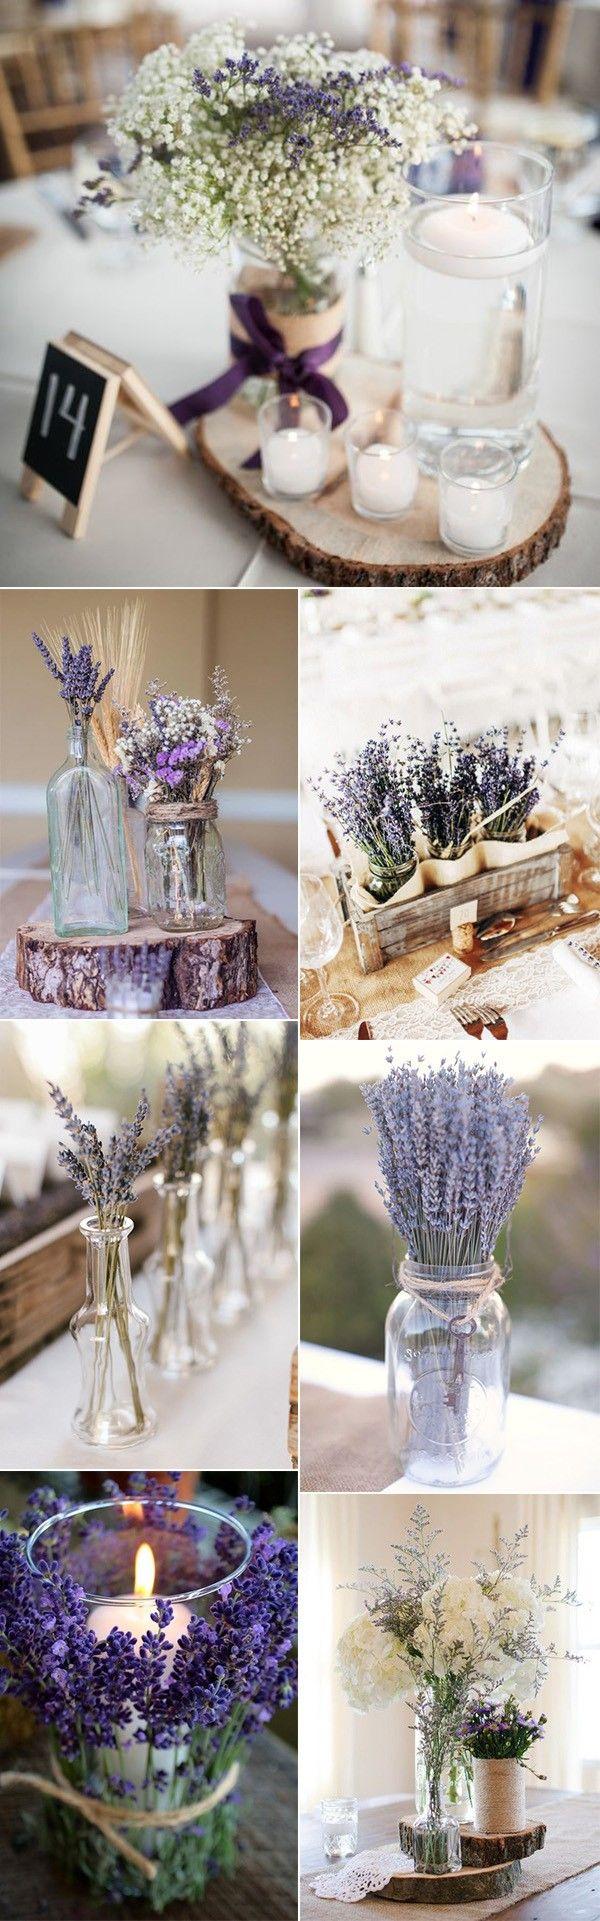 Lilac wedding decoration ideas   Lavender Wedding Ideas to Inspire Your Big Day  Decoração